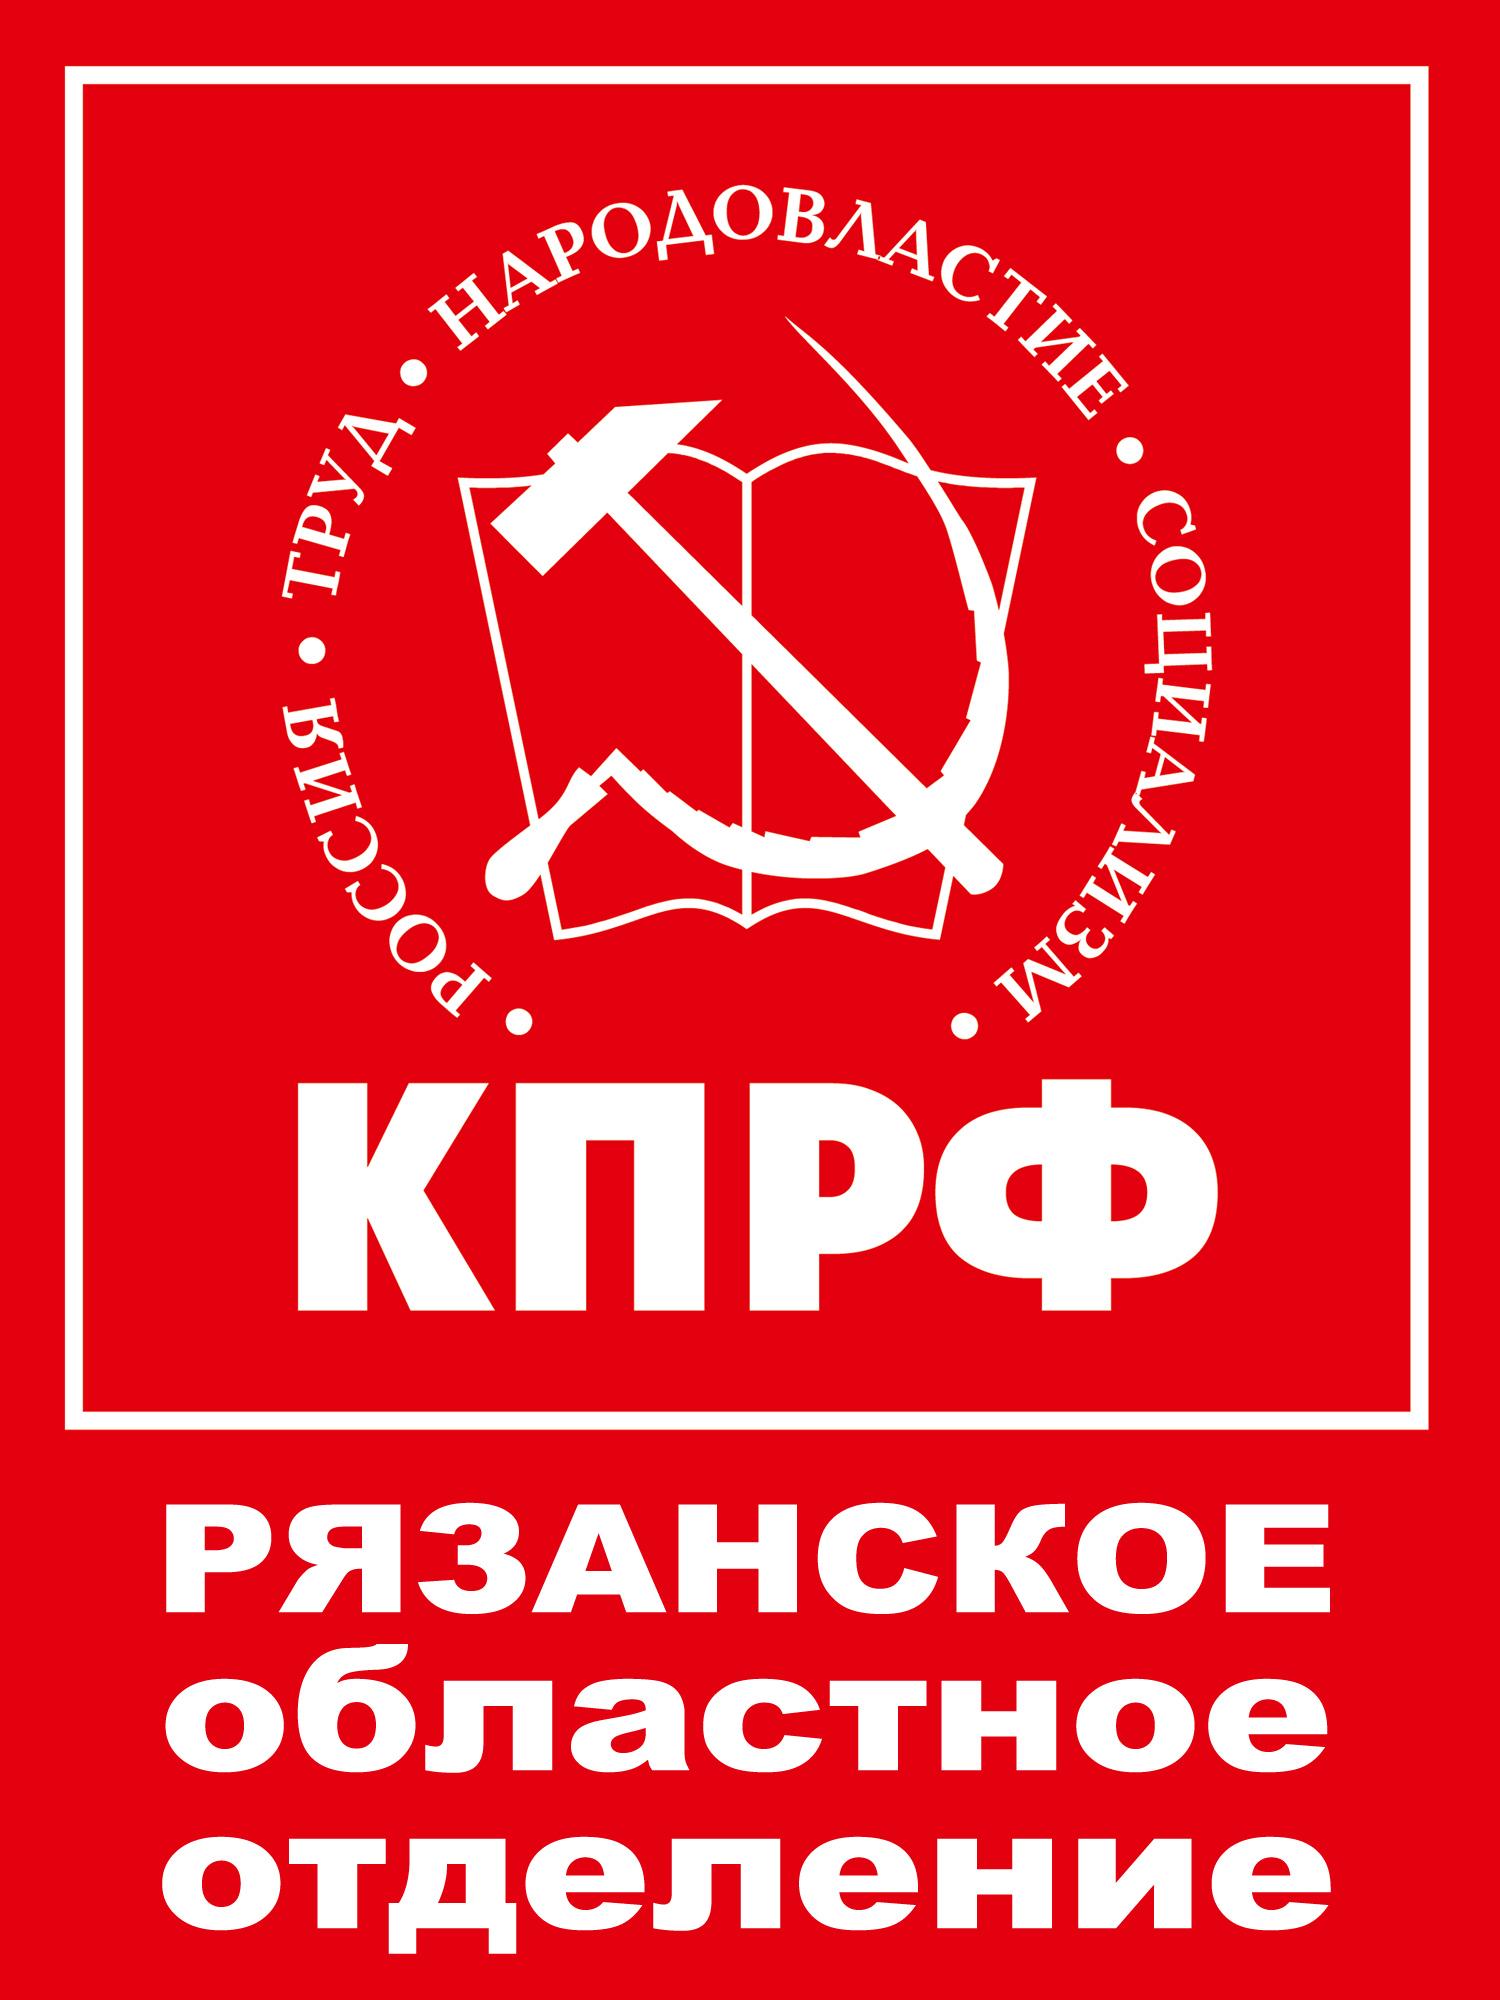 Заявление Бюро Рязанского обкома КПРФ: ЭТО НЕ ВЫБОРЫ. ЭТО СПЕЦОПЕРАЦИЯ!